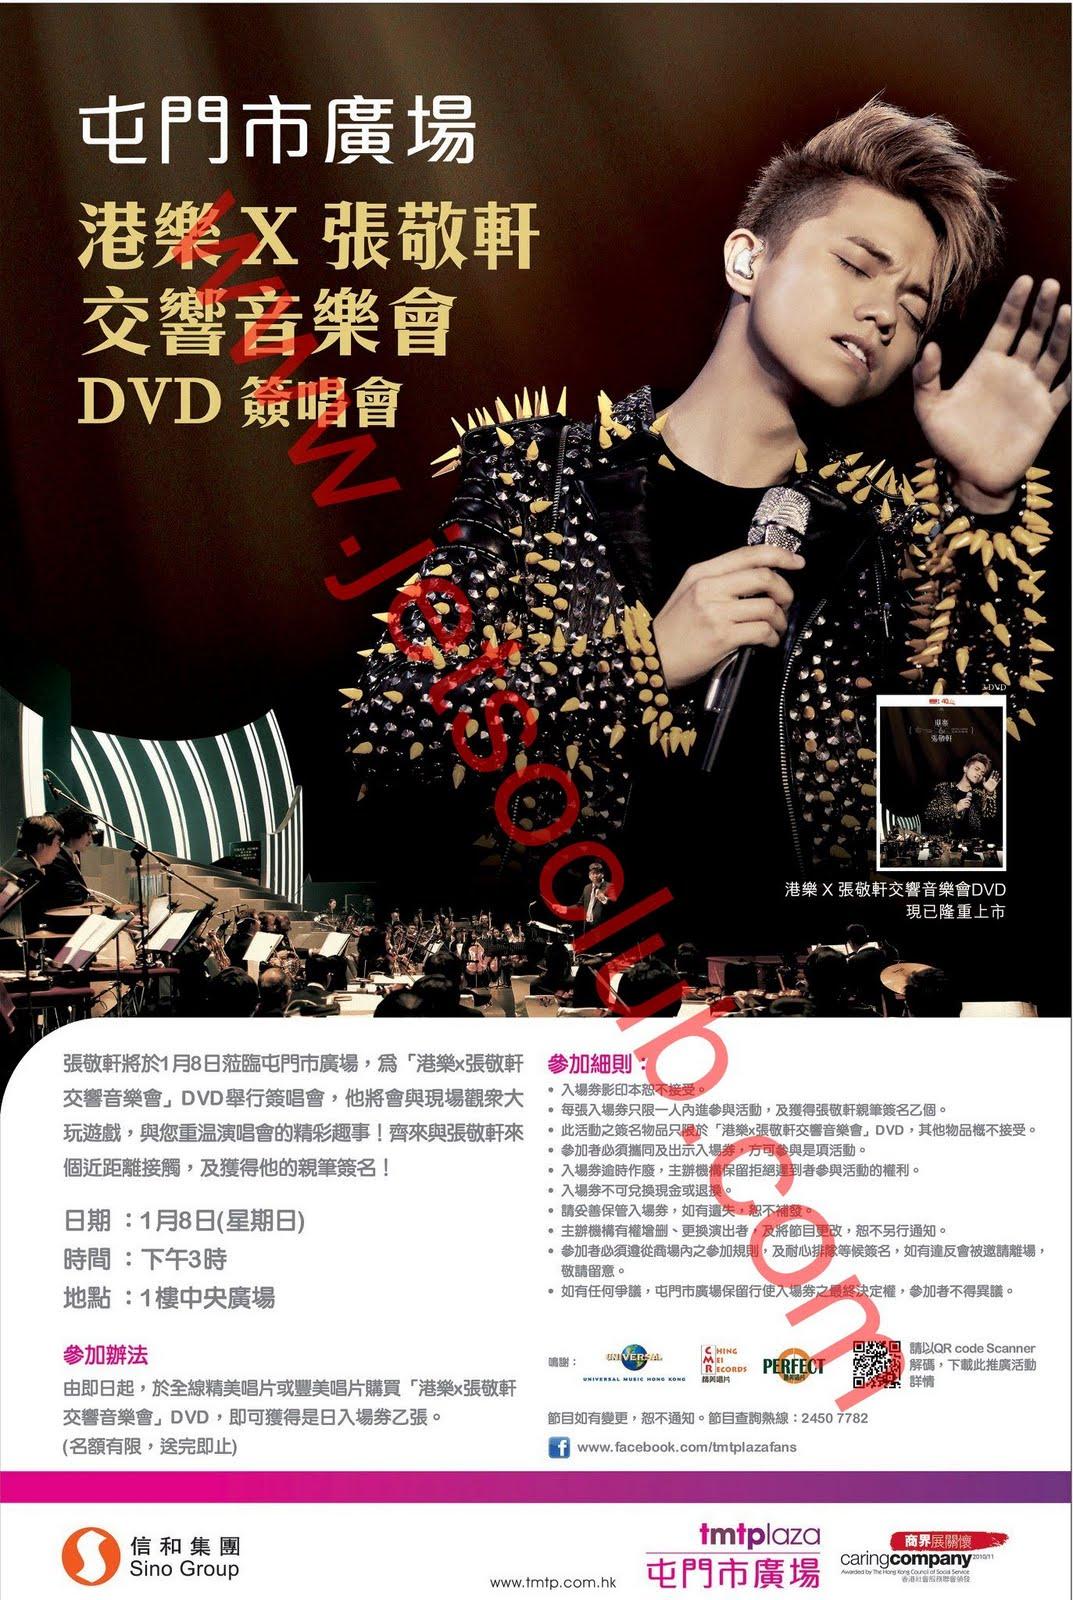 屯門市廣場: 「港樂x張敬軒交響音樂會」DVD簽唱會(8/1) ( Jetso Club 著數俱樂部 )